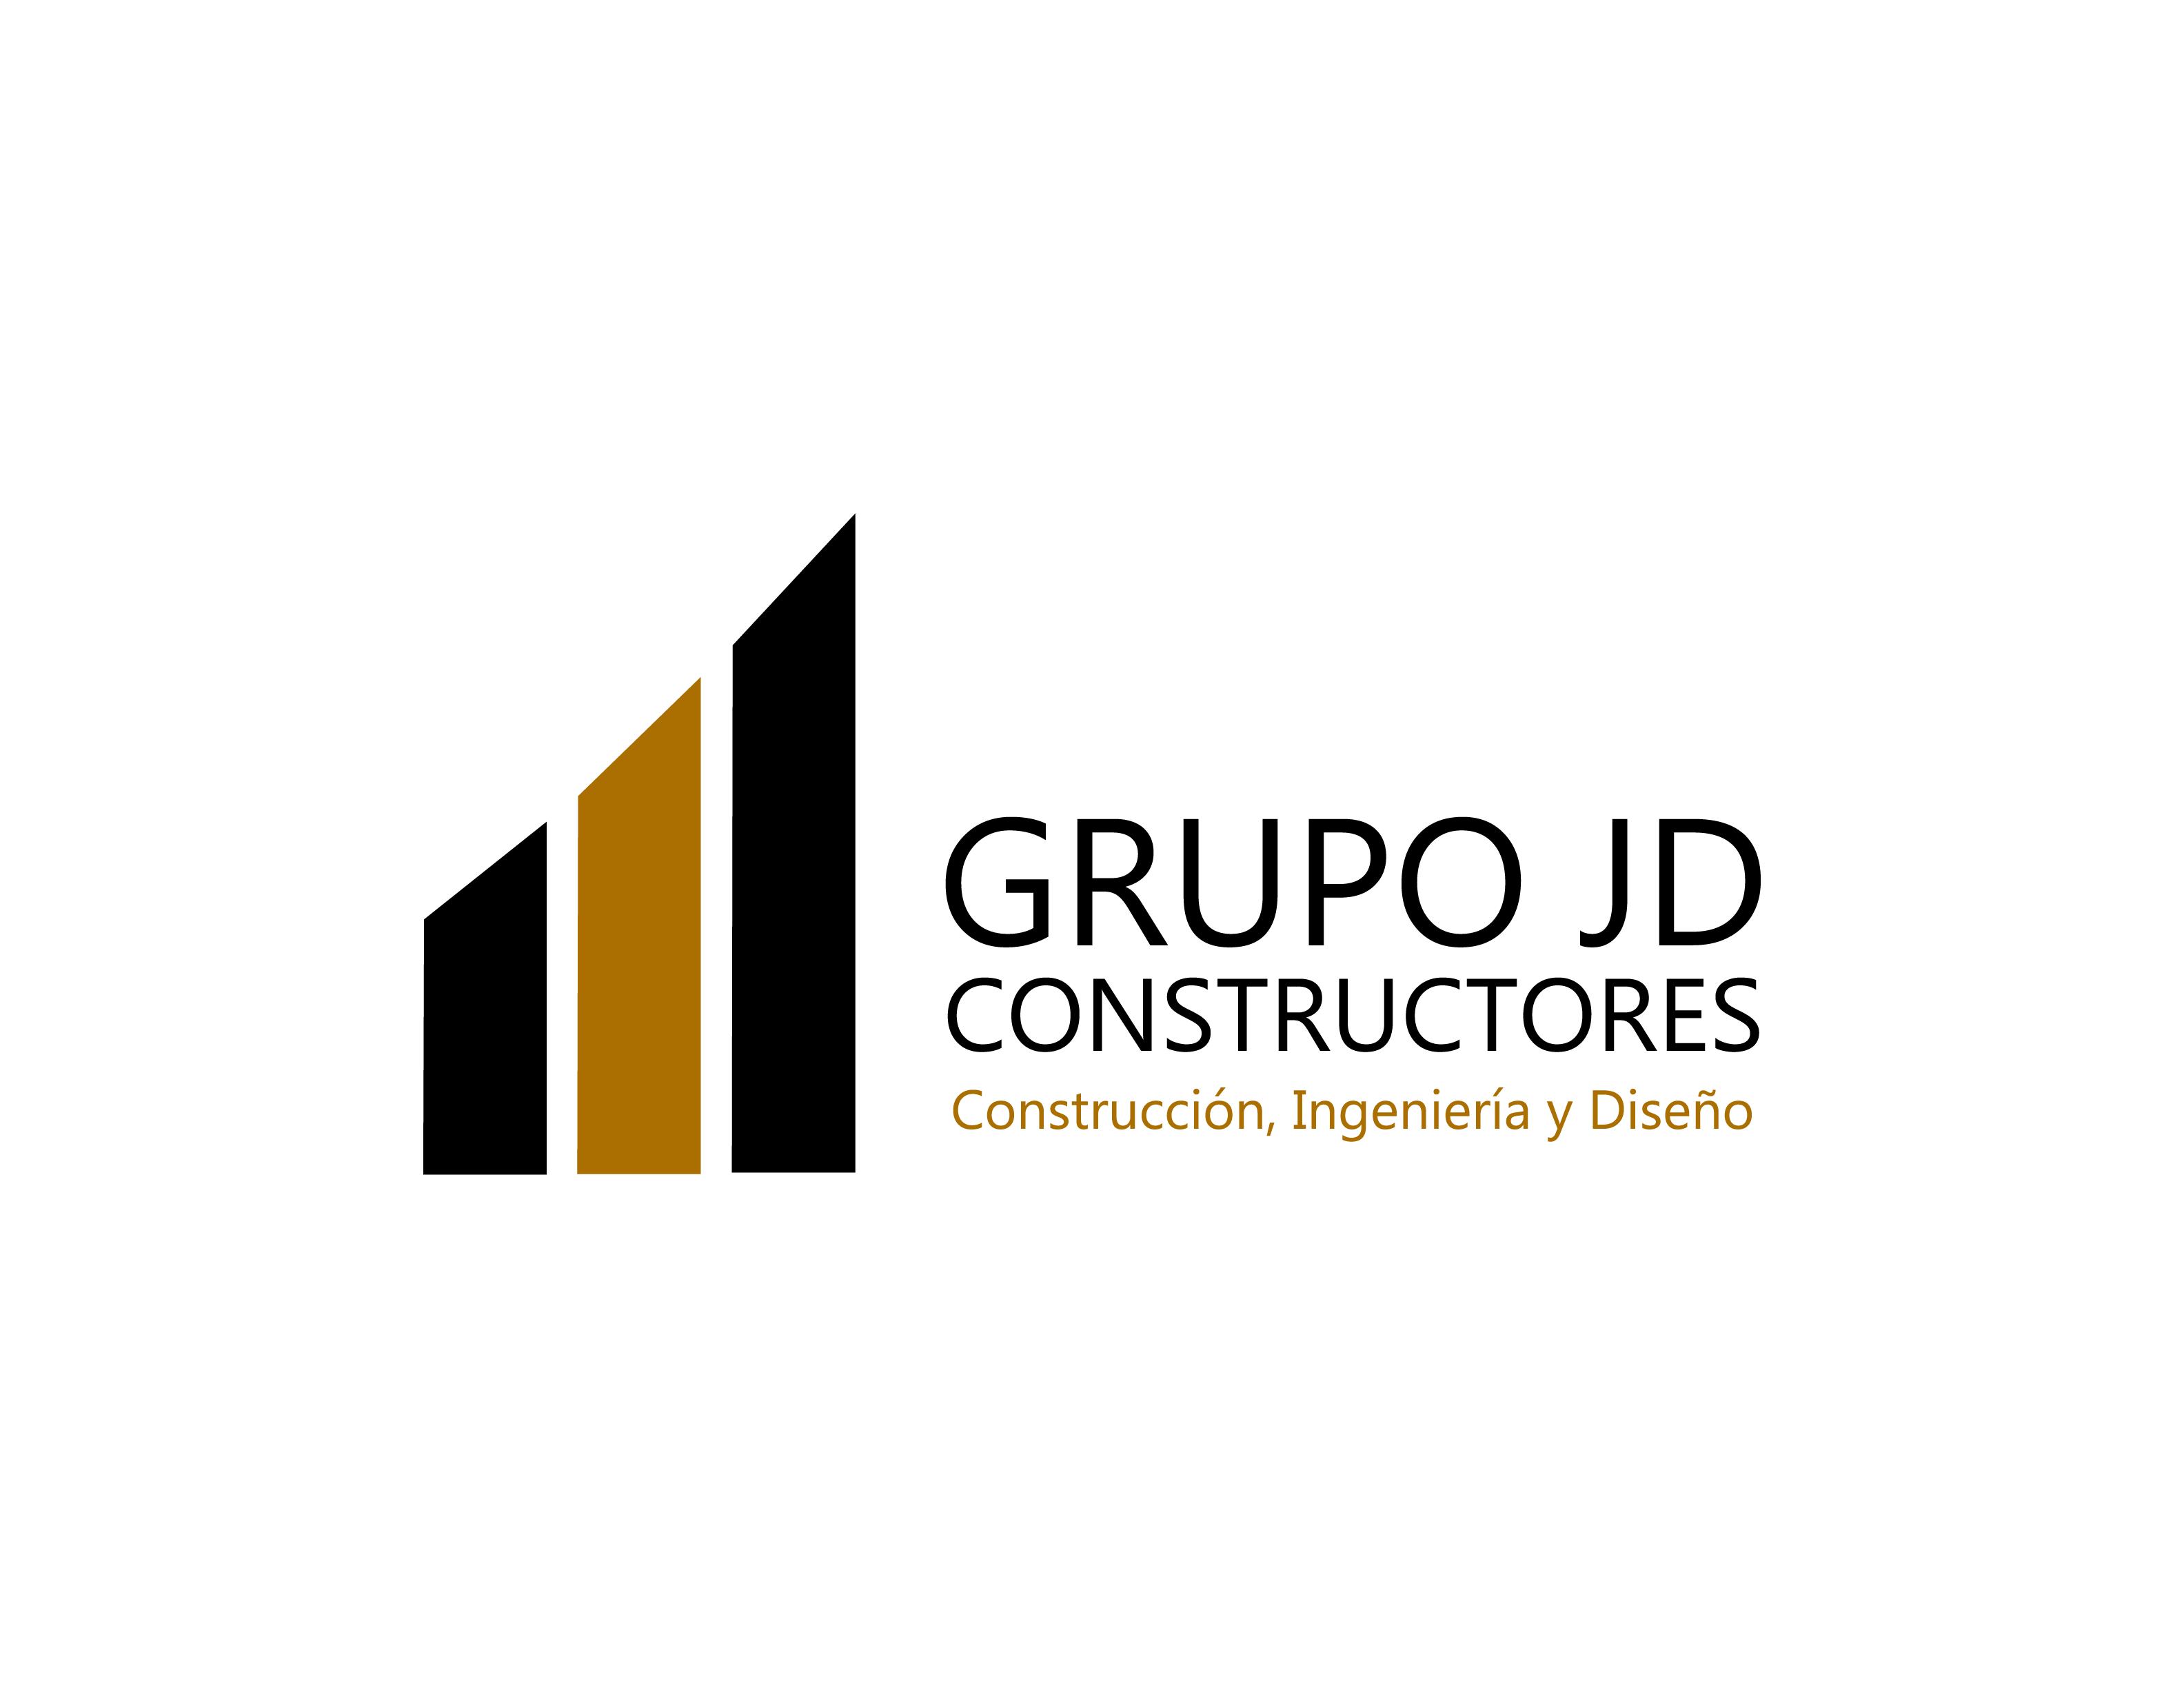 Jd Constuctores